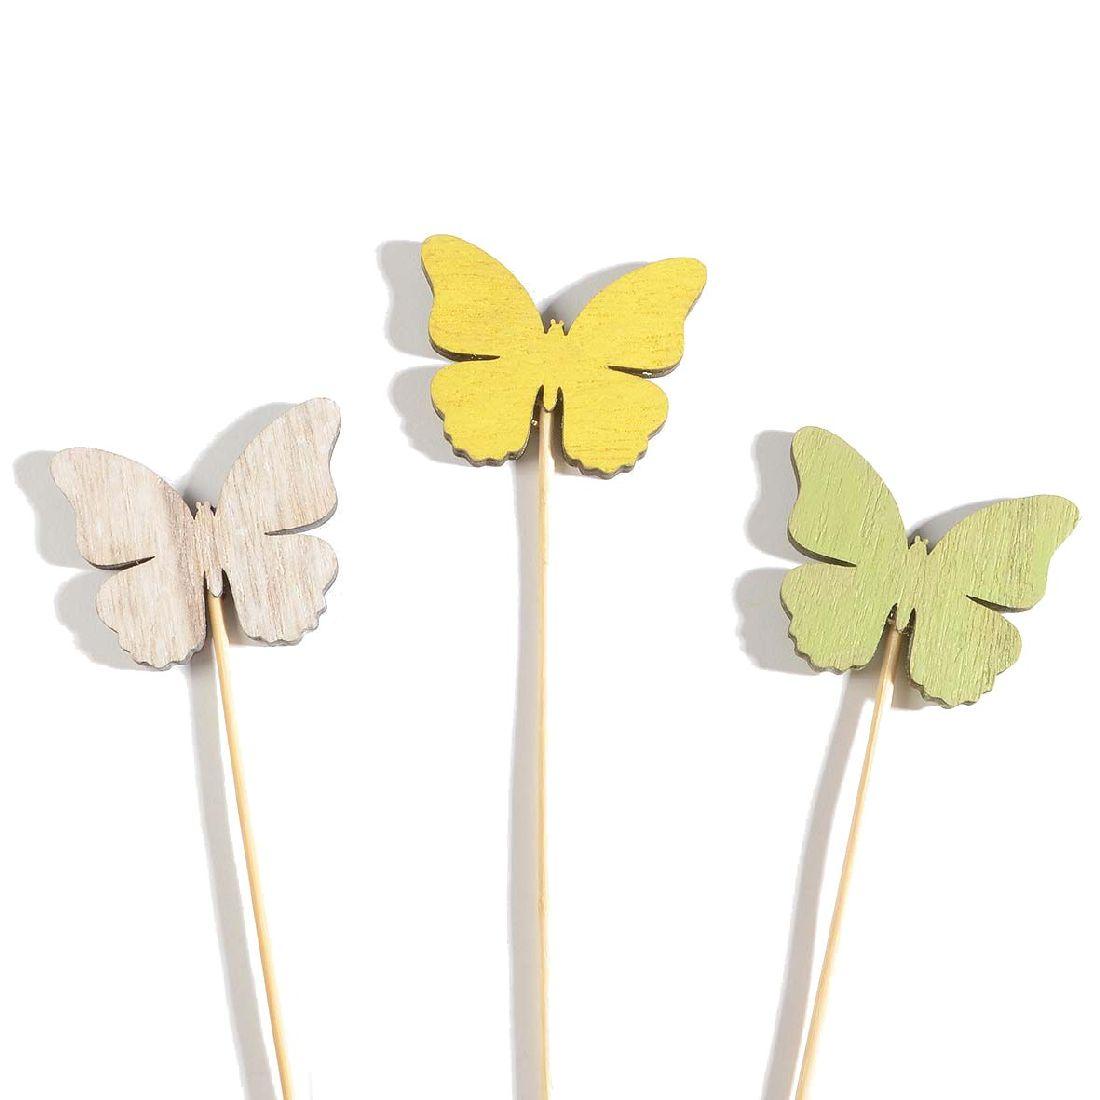 Stecker Swiff GELB-WEISS-GRÜN Schmetterling 6x0,5x5cm Holz